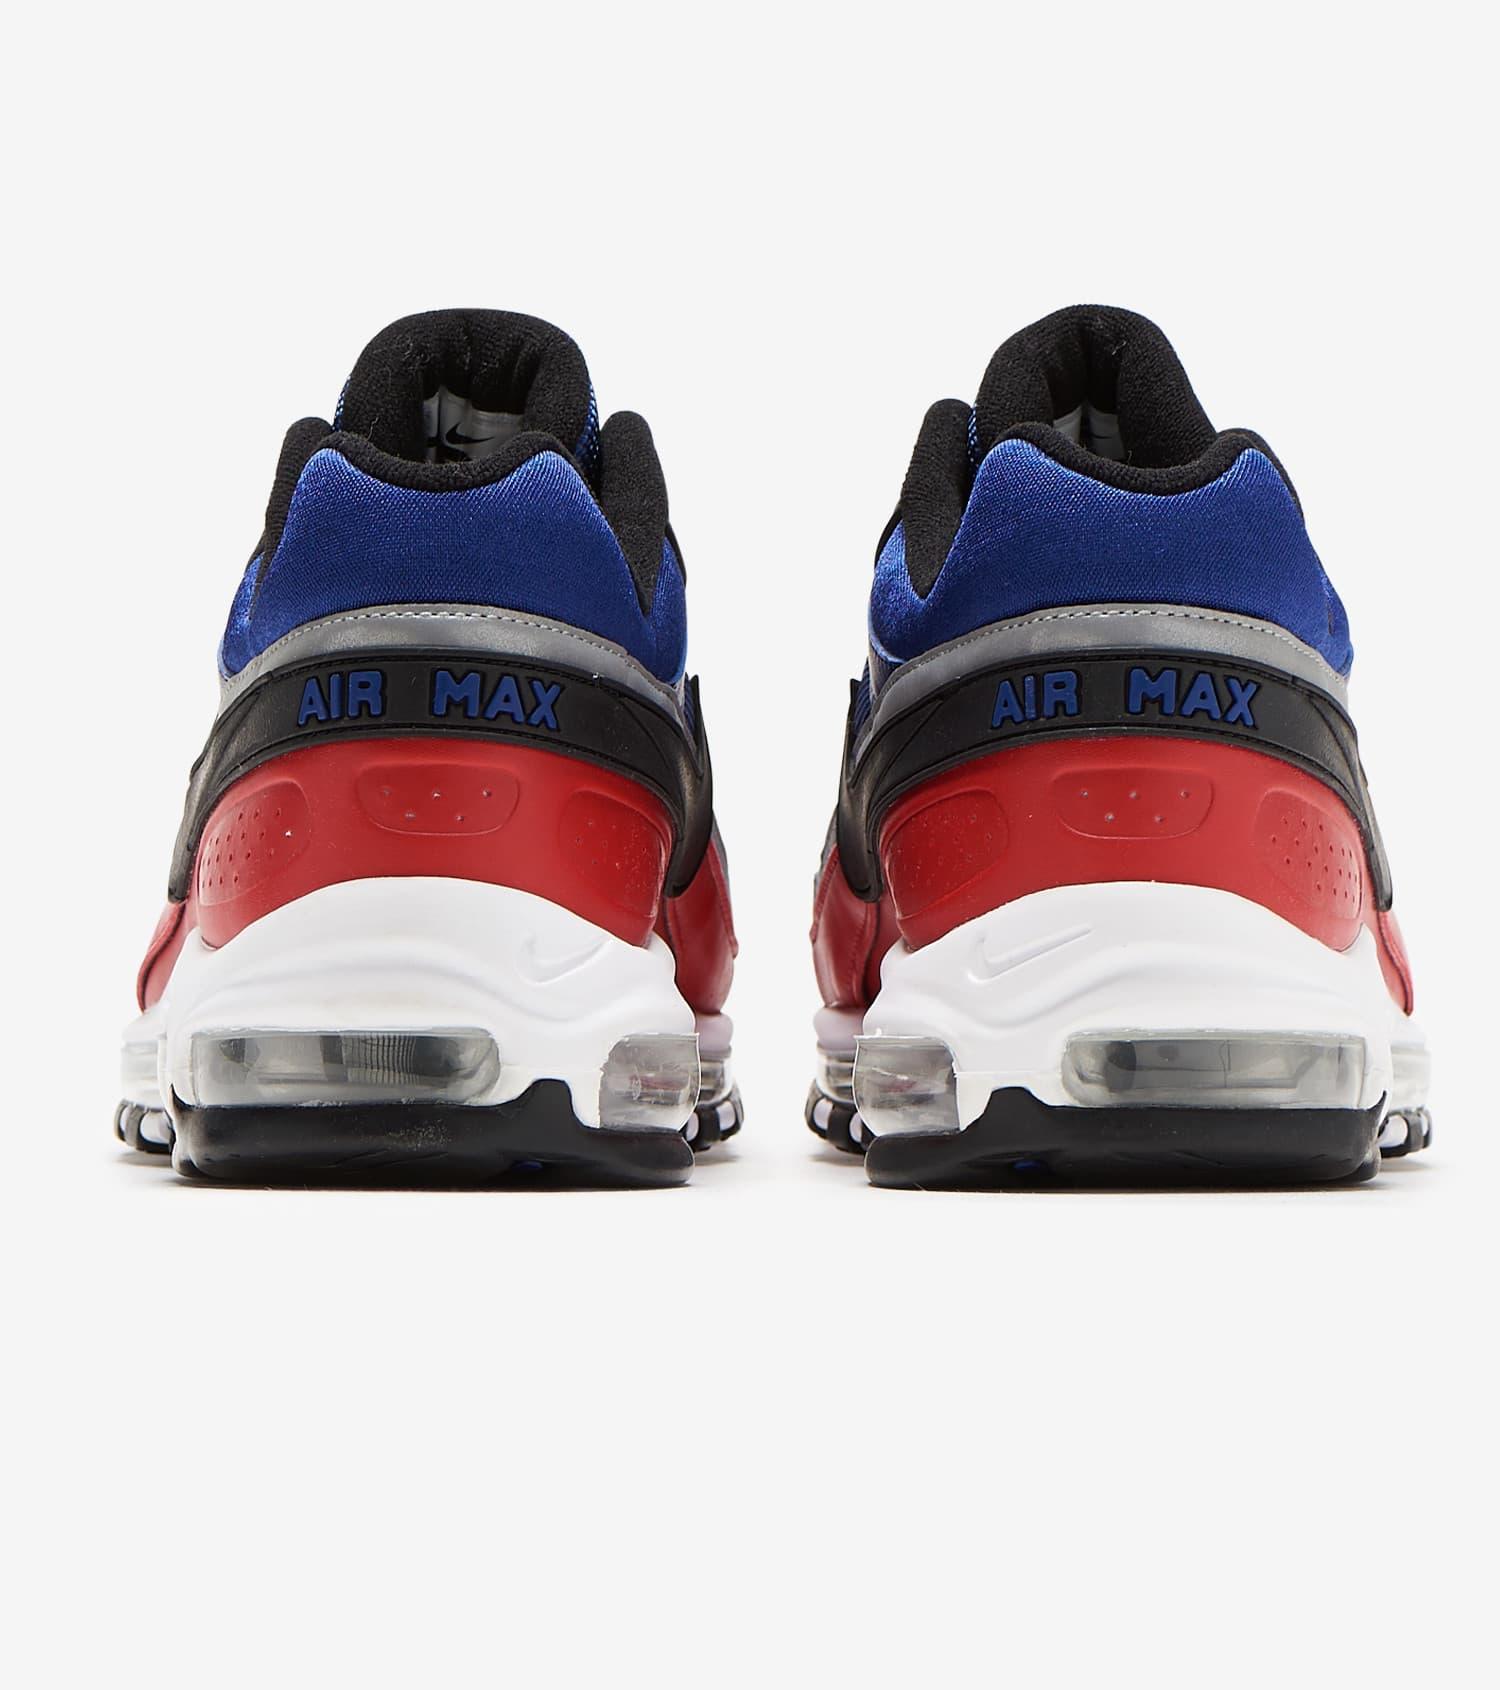 Air Max 97 Realtree Men's Shoe in 2019 Pinterest